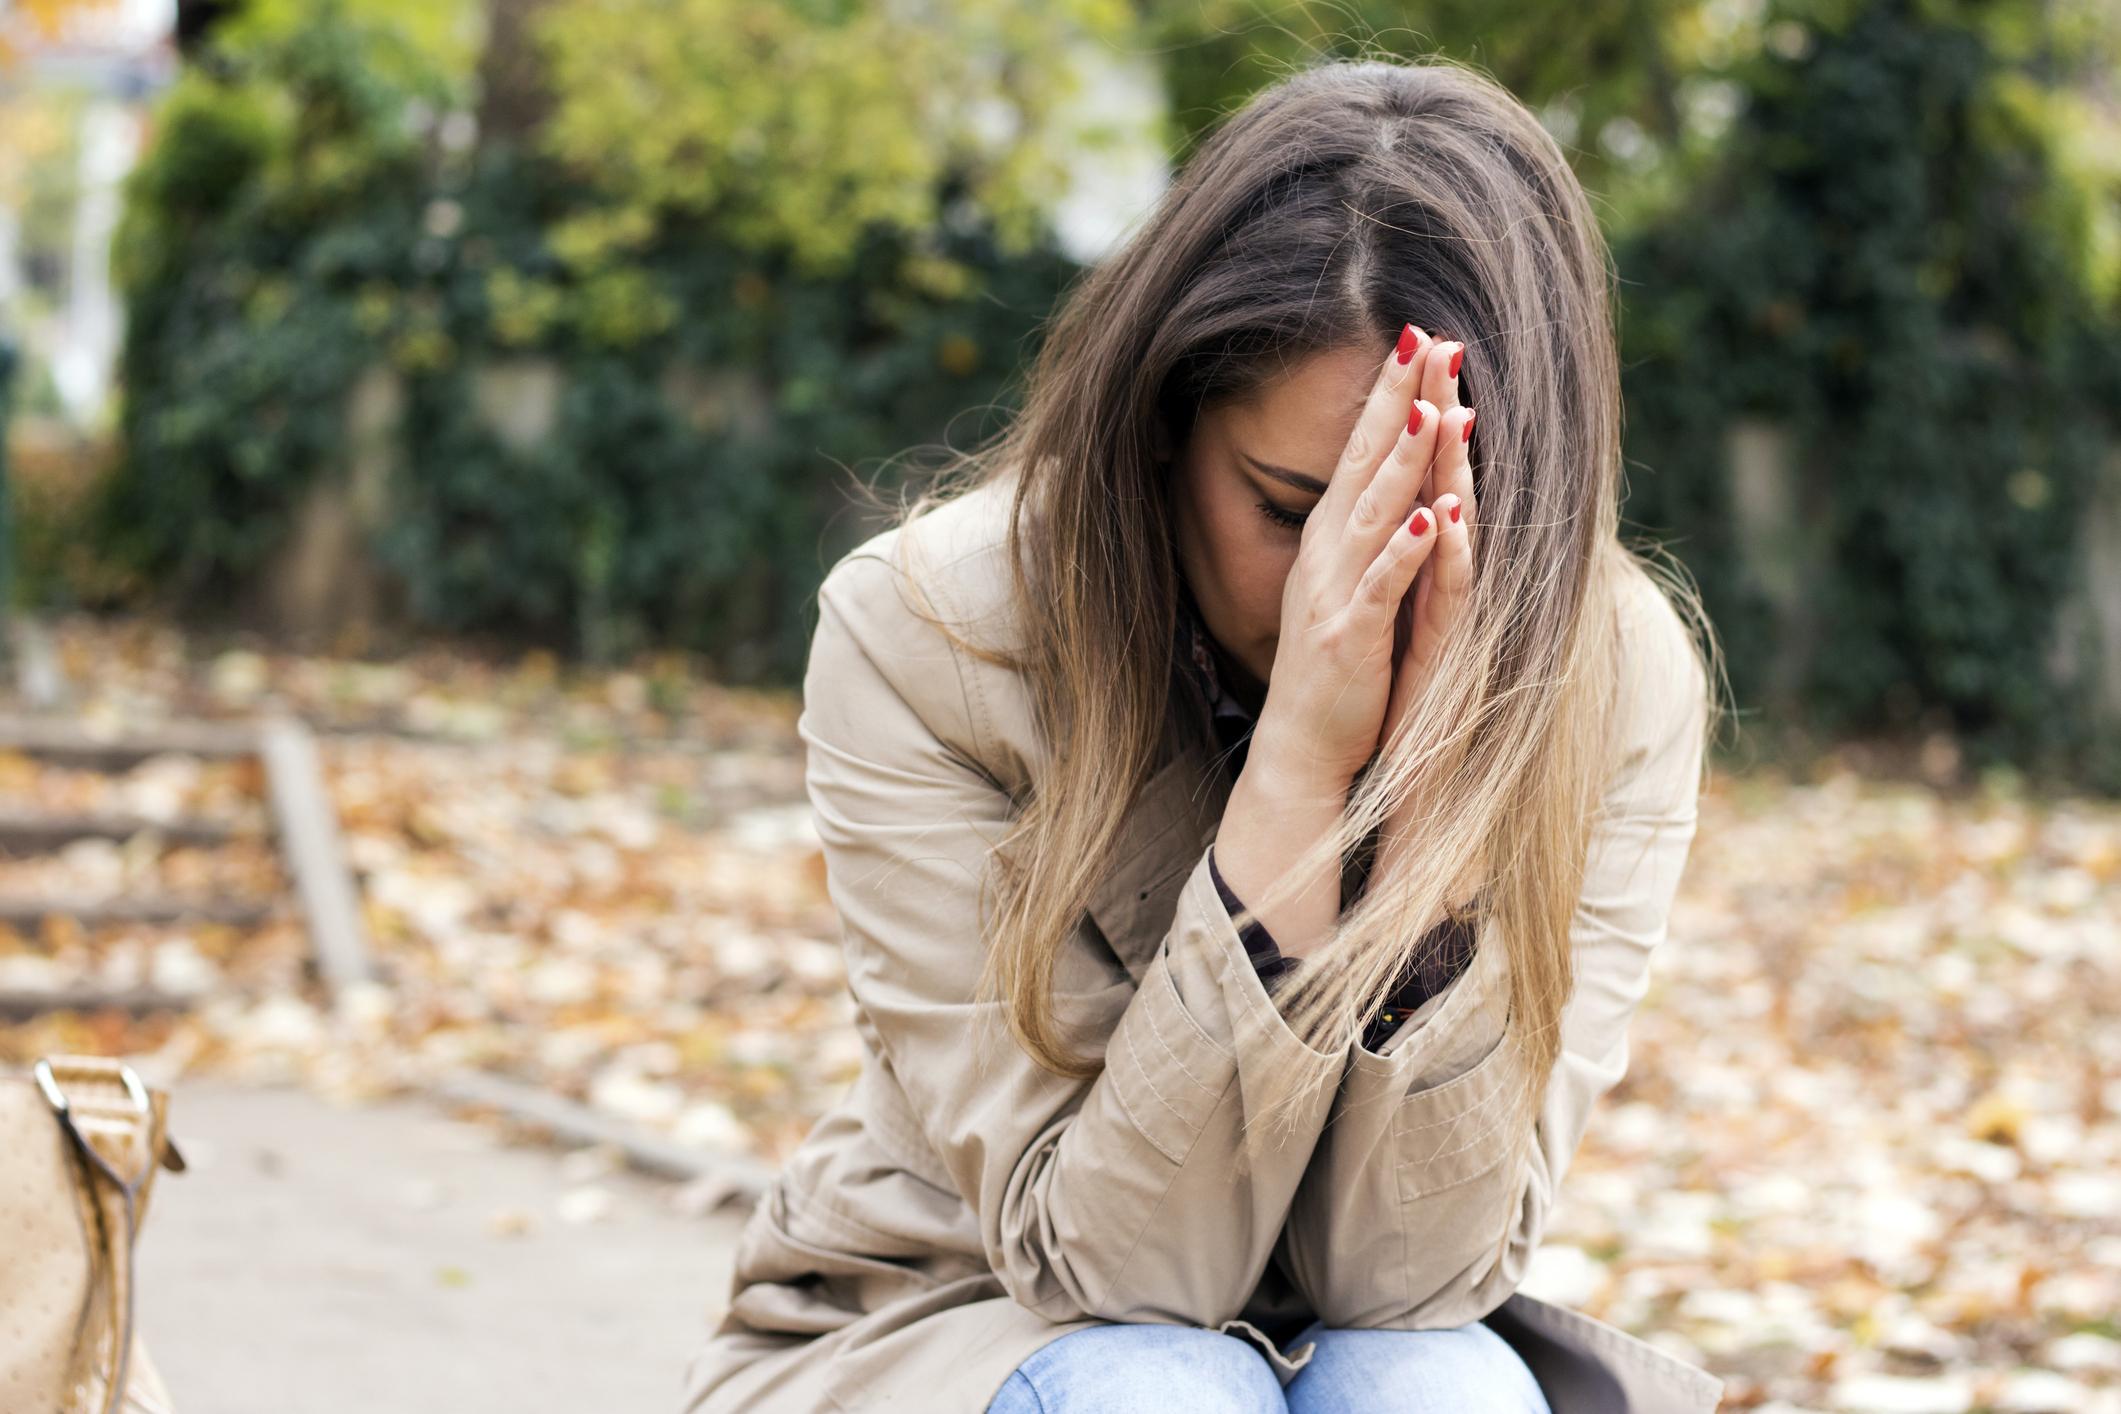 Expulse os males físicos e espirituais de sua vida2 min read